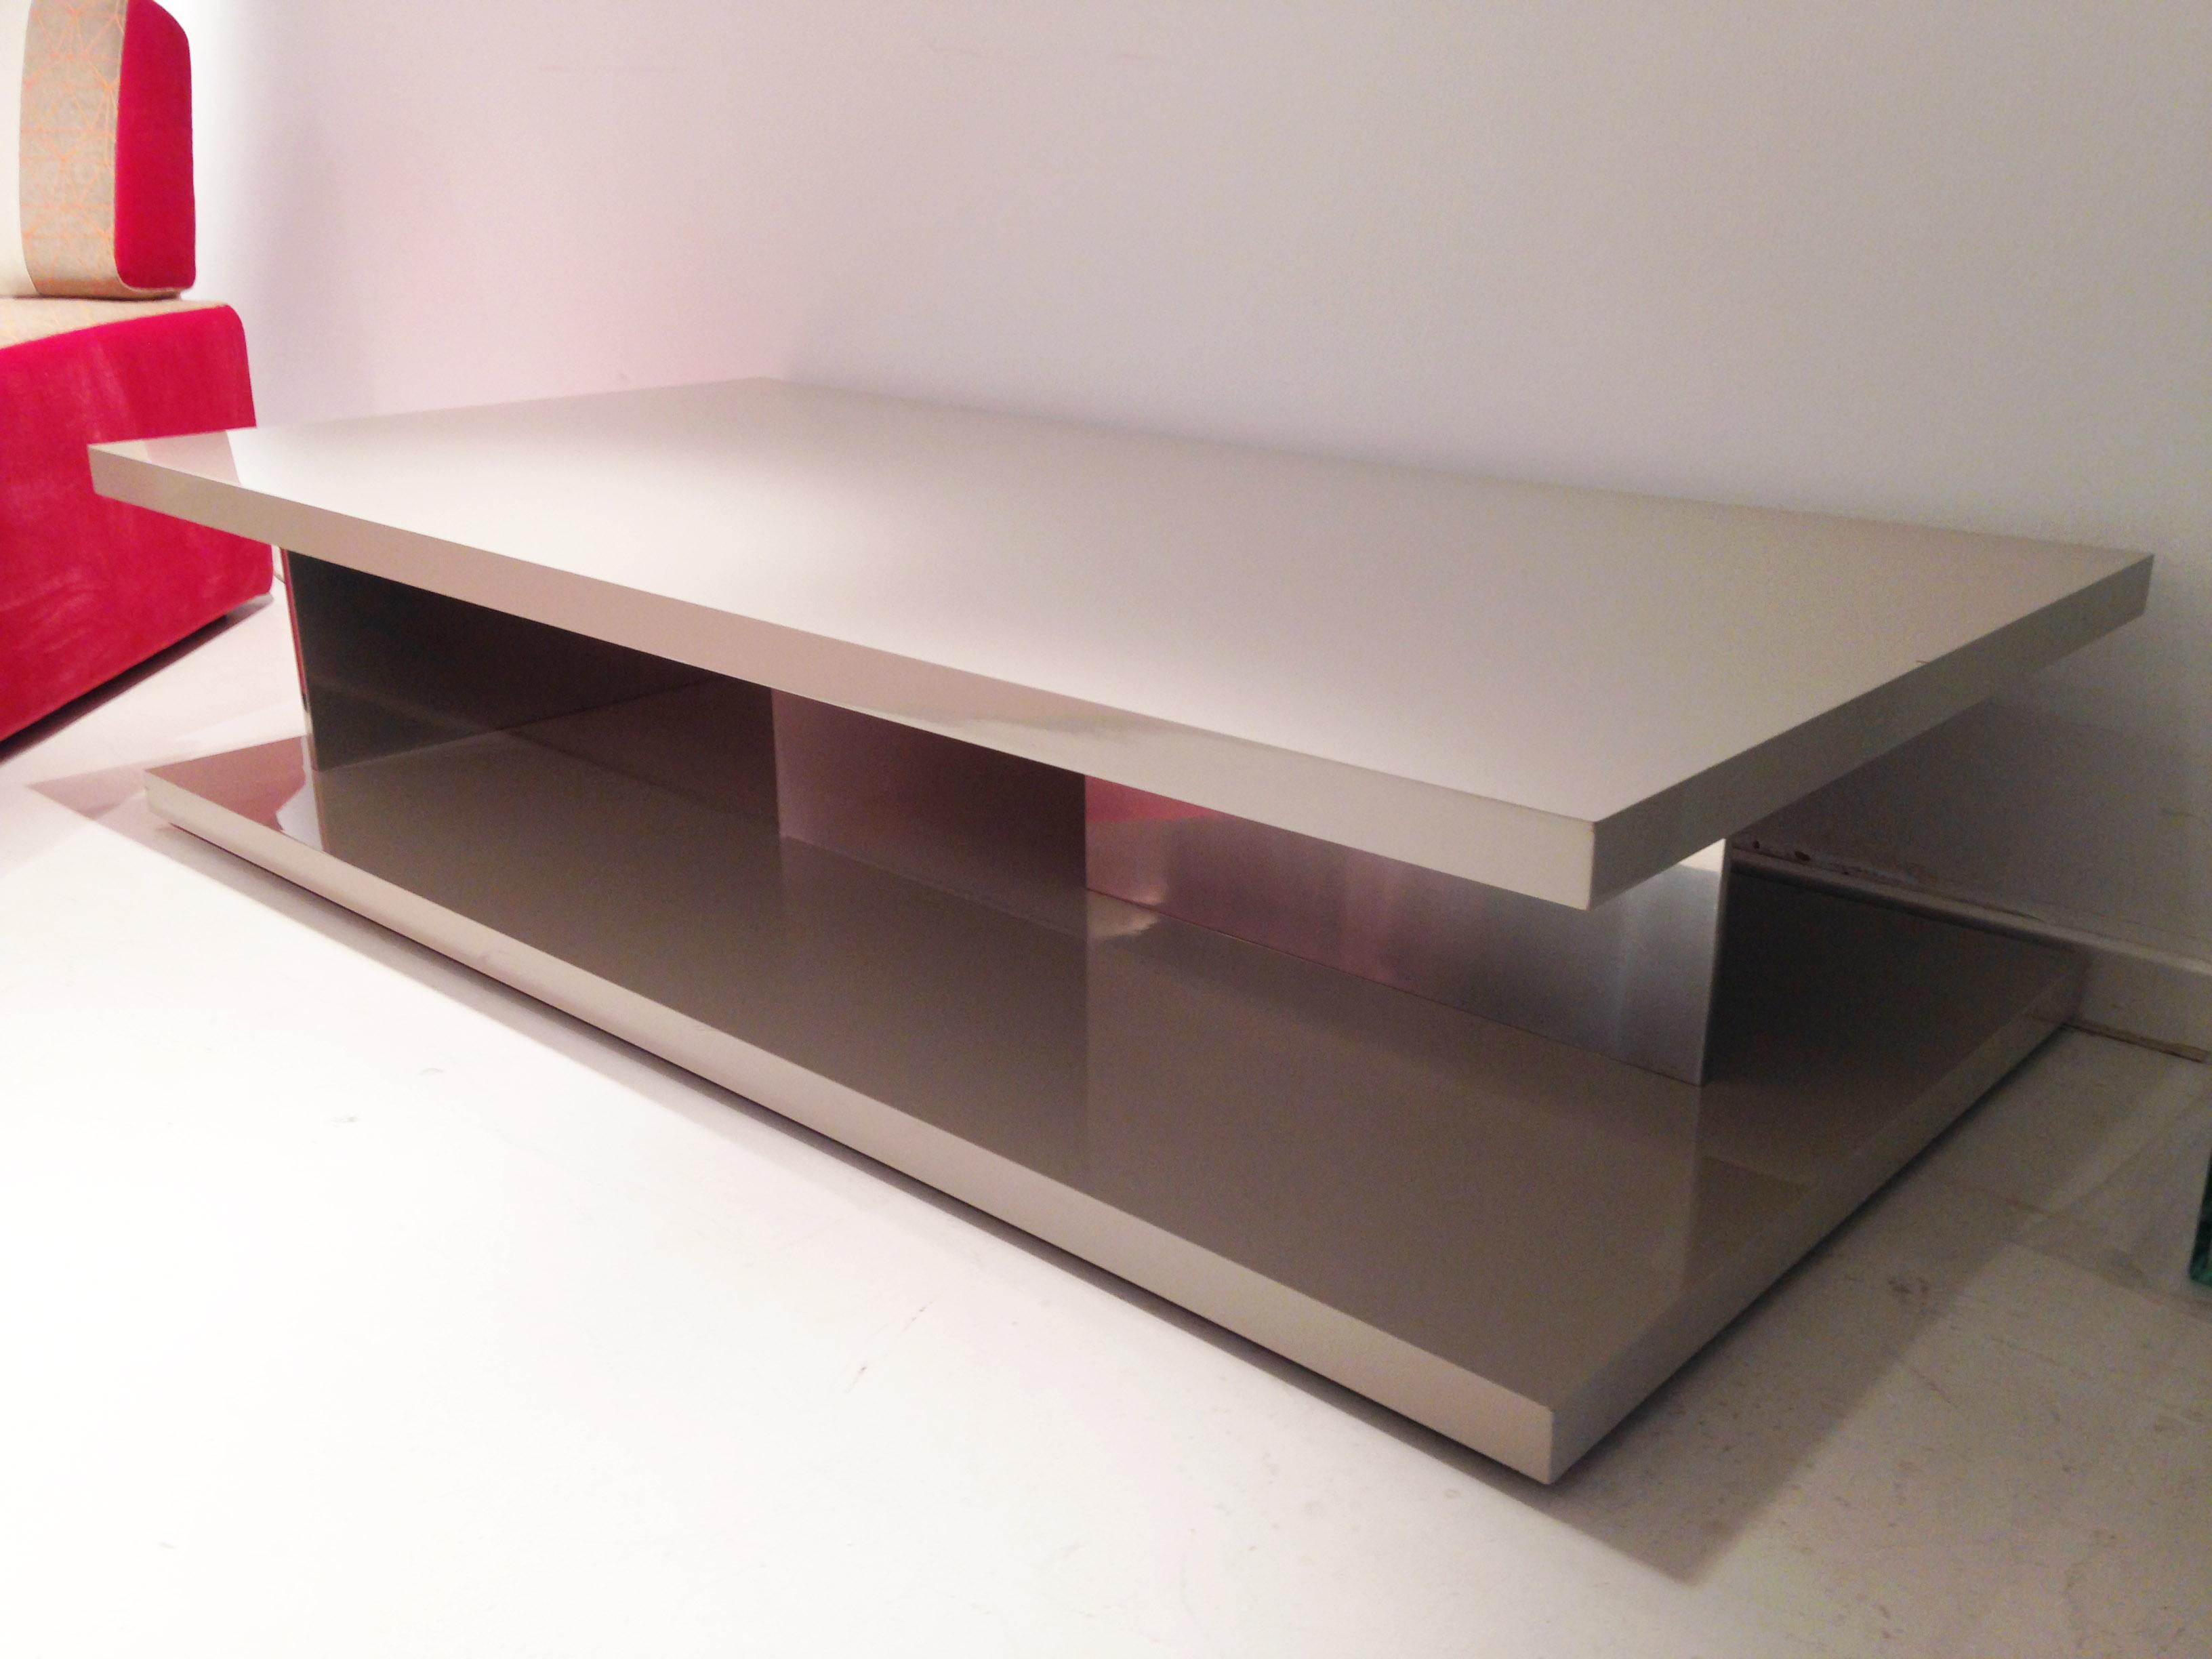 herzlich willkommen bei knallgrau sale m bel. Black Bedroom Furniture Sets. Home Design Ideas